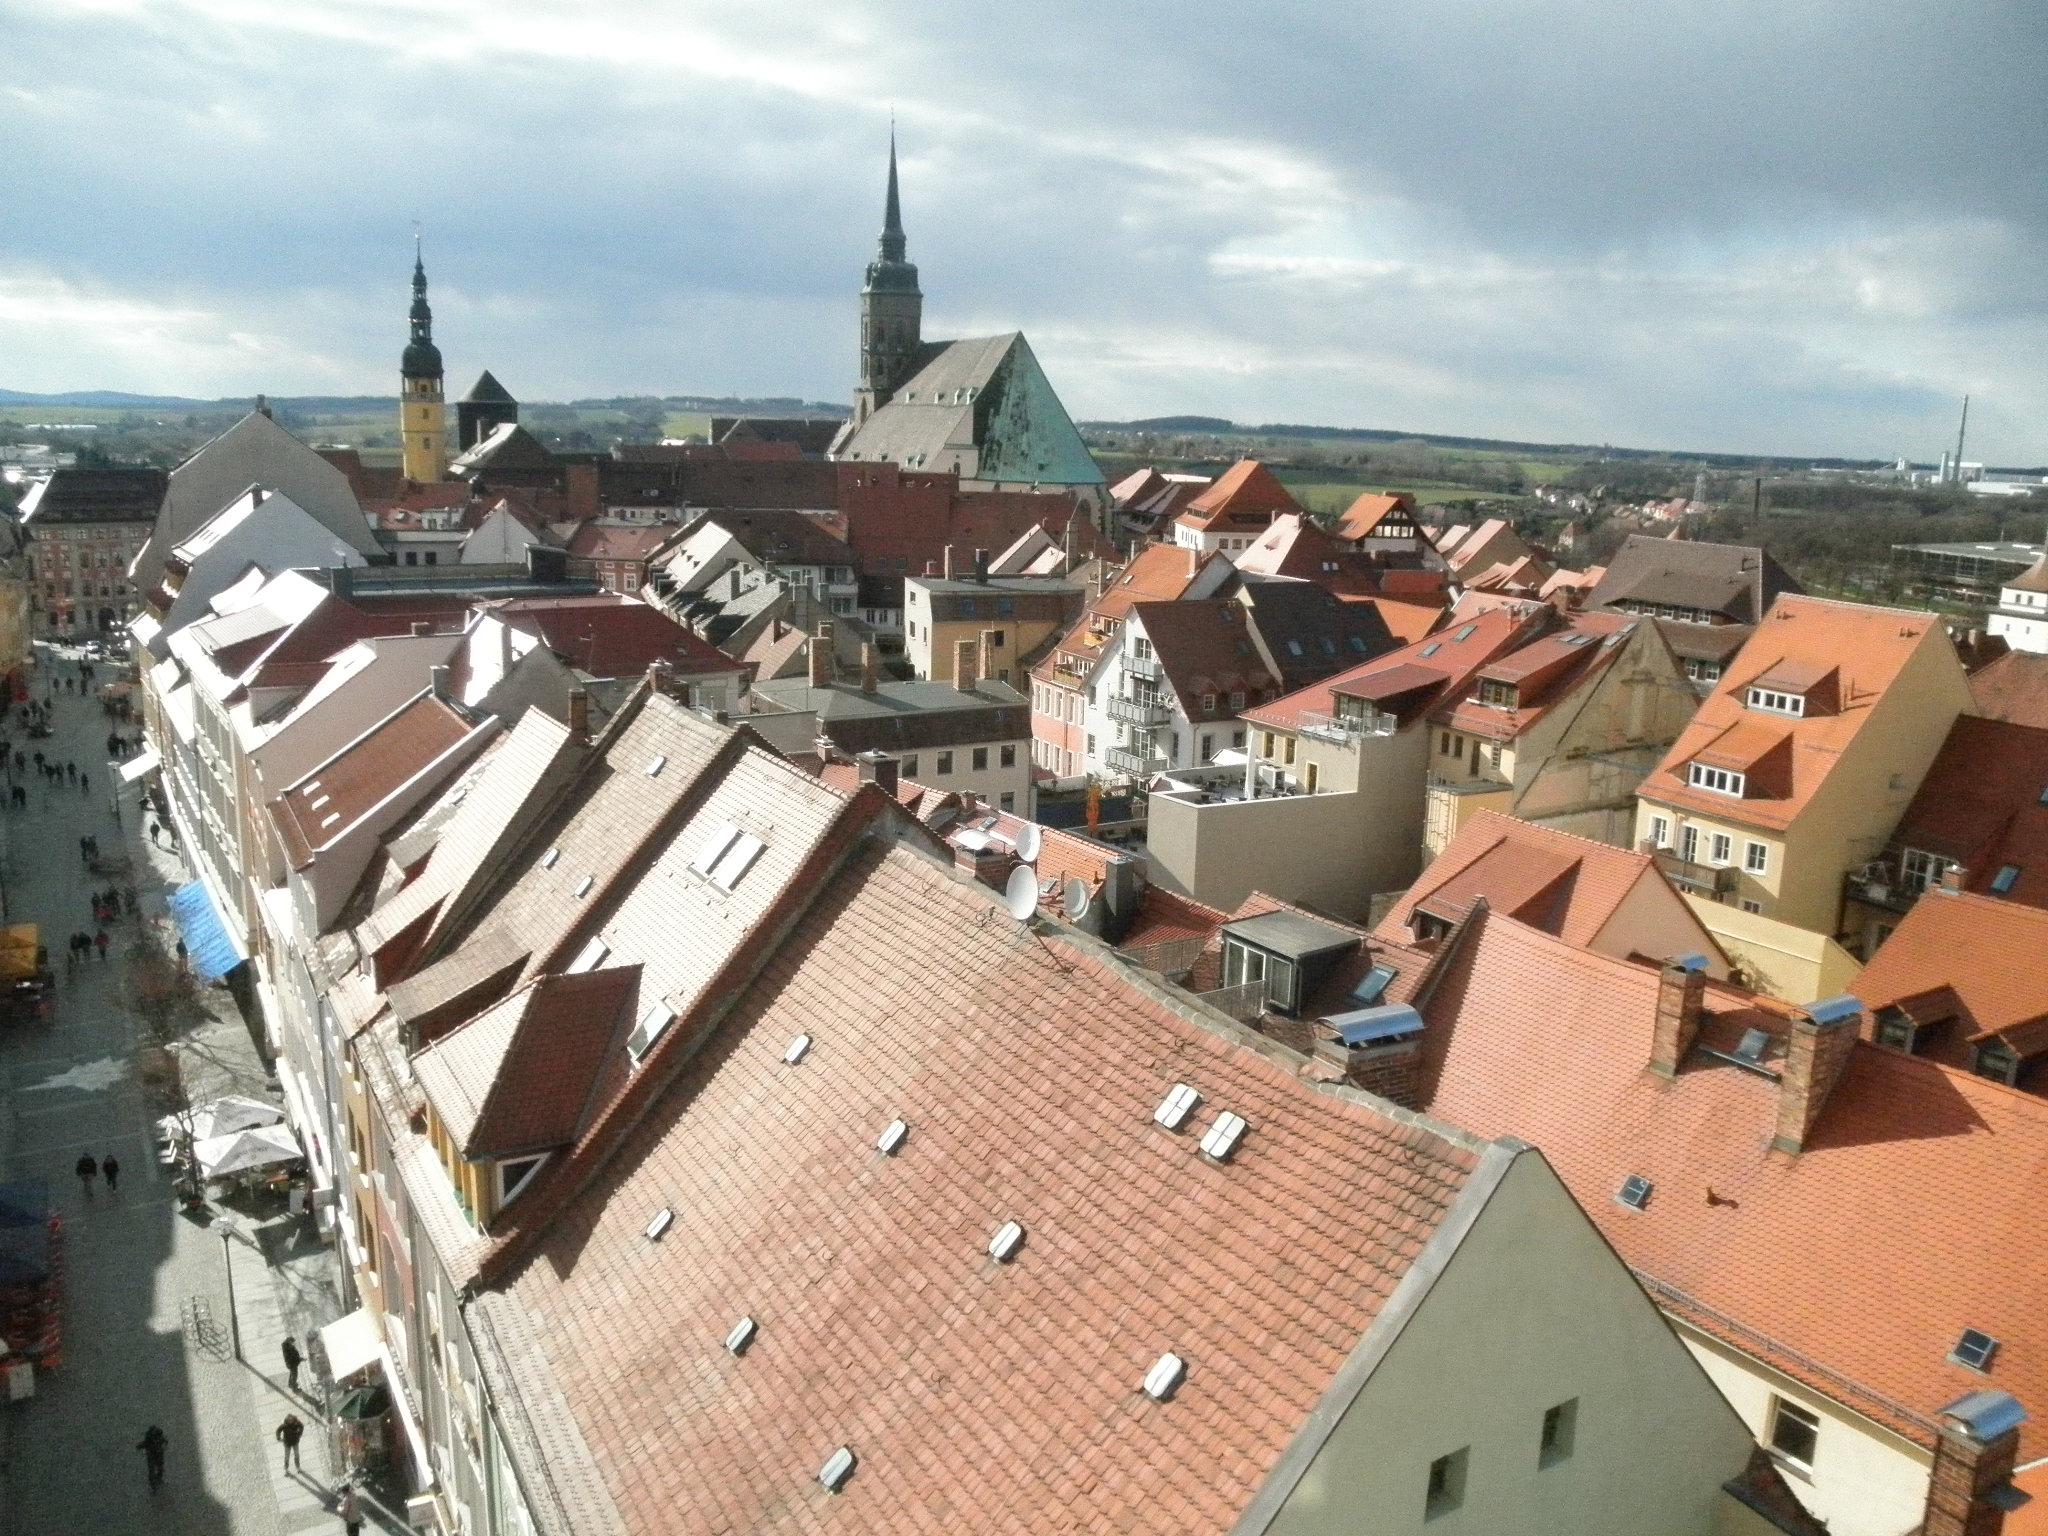 Německo - Lužice - Budyšín, pohled z Bohata wěža, uprostřed dóm S.Petri